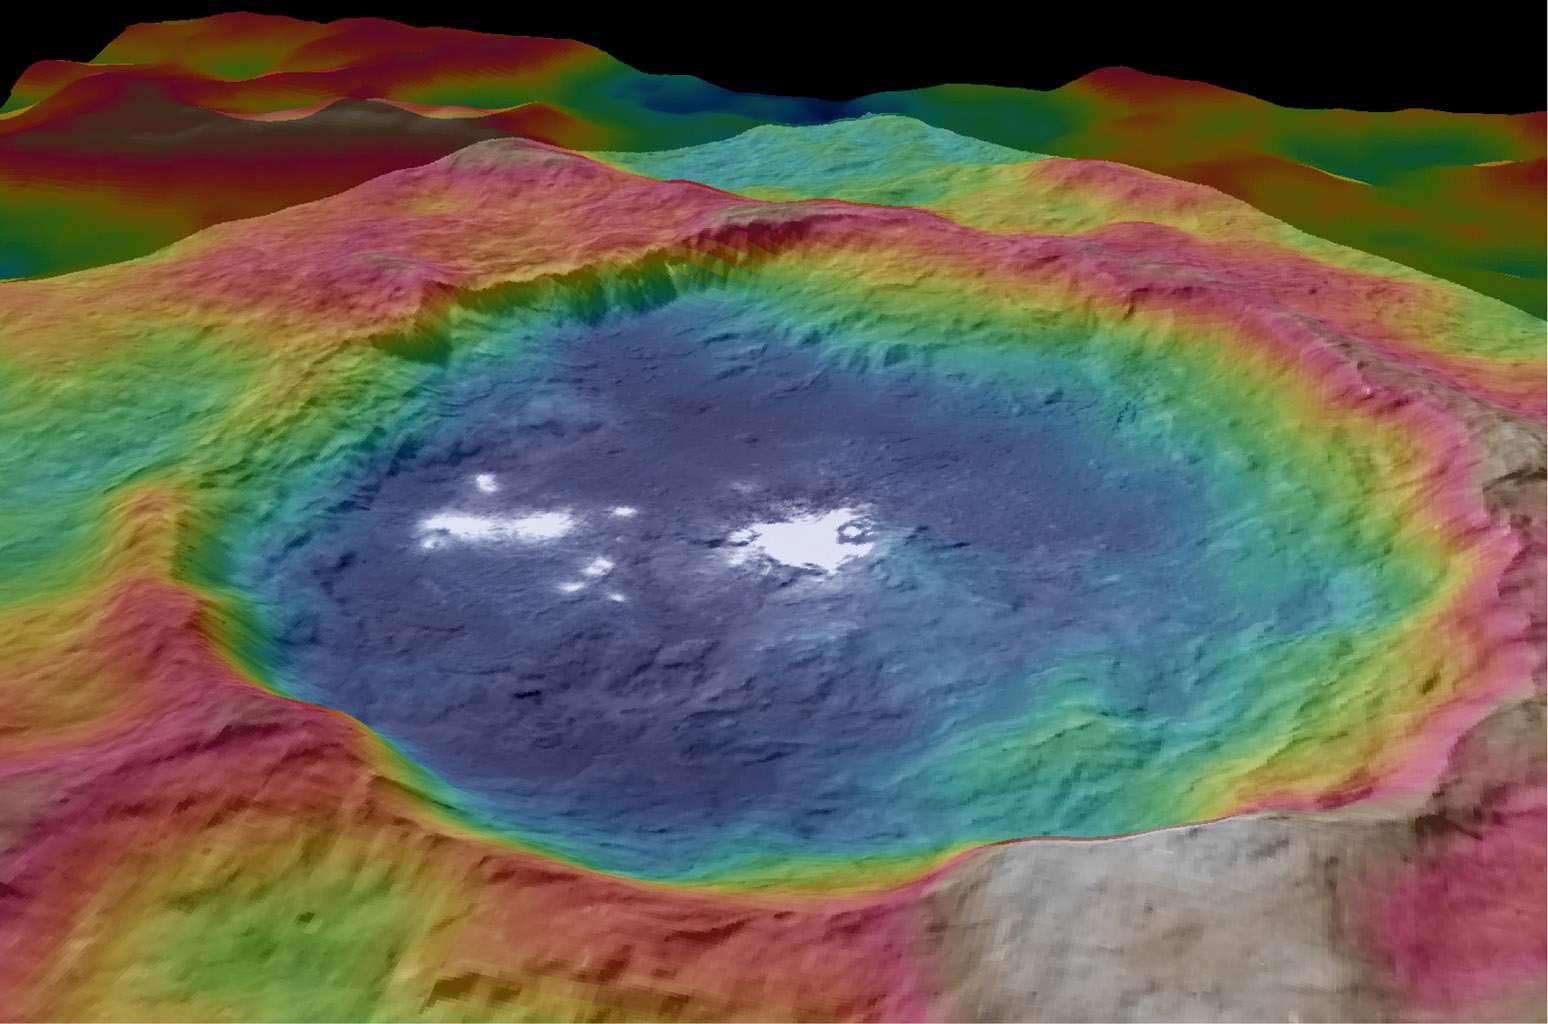 Large de 90 km, le cratère Occator doit sa célébrité aux énigmatiques taches blanches parsemées en son sein. Les couleurs correspondent aux différences d'altitude : en bleu, les plus basses et en rouge, les plus élevées. © Nasa, JPL-Caltech, UCLA, MPS, DLR, IDA